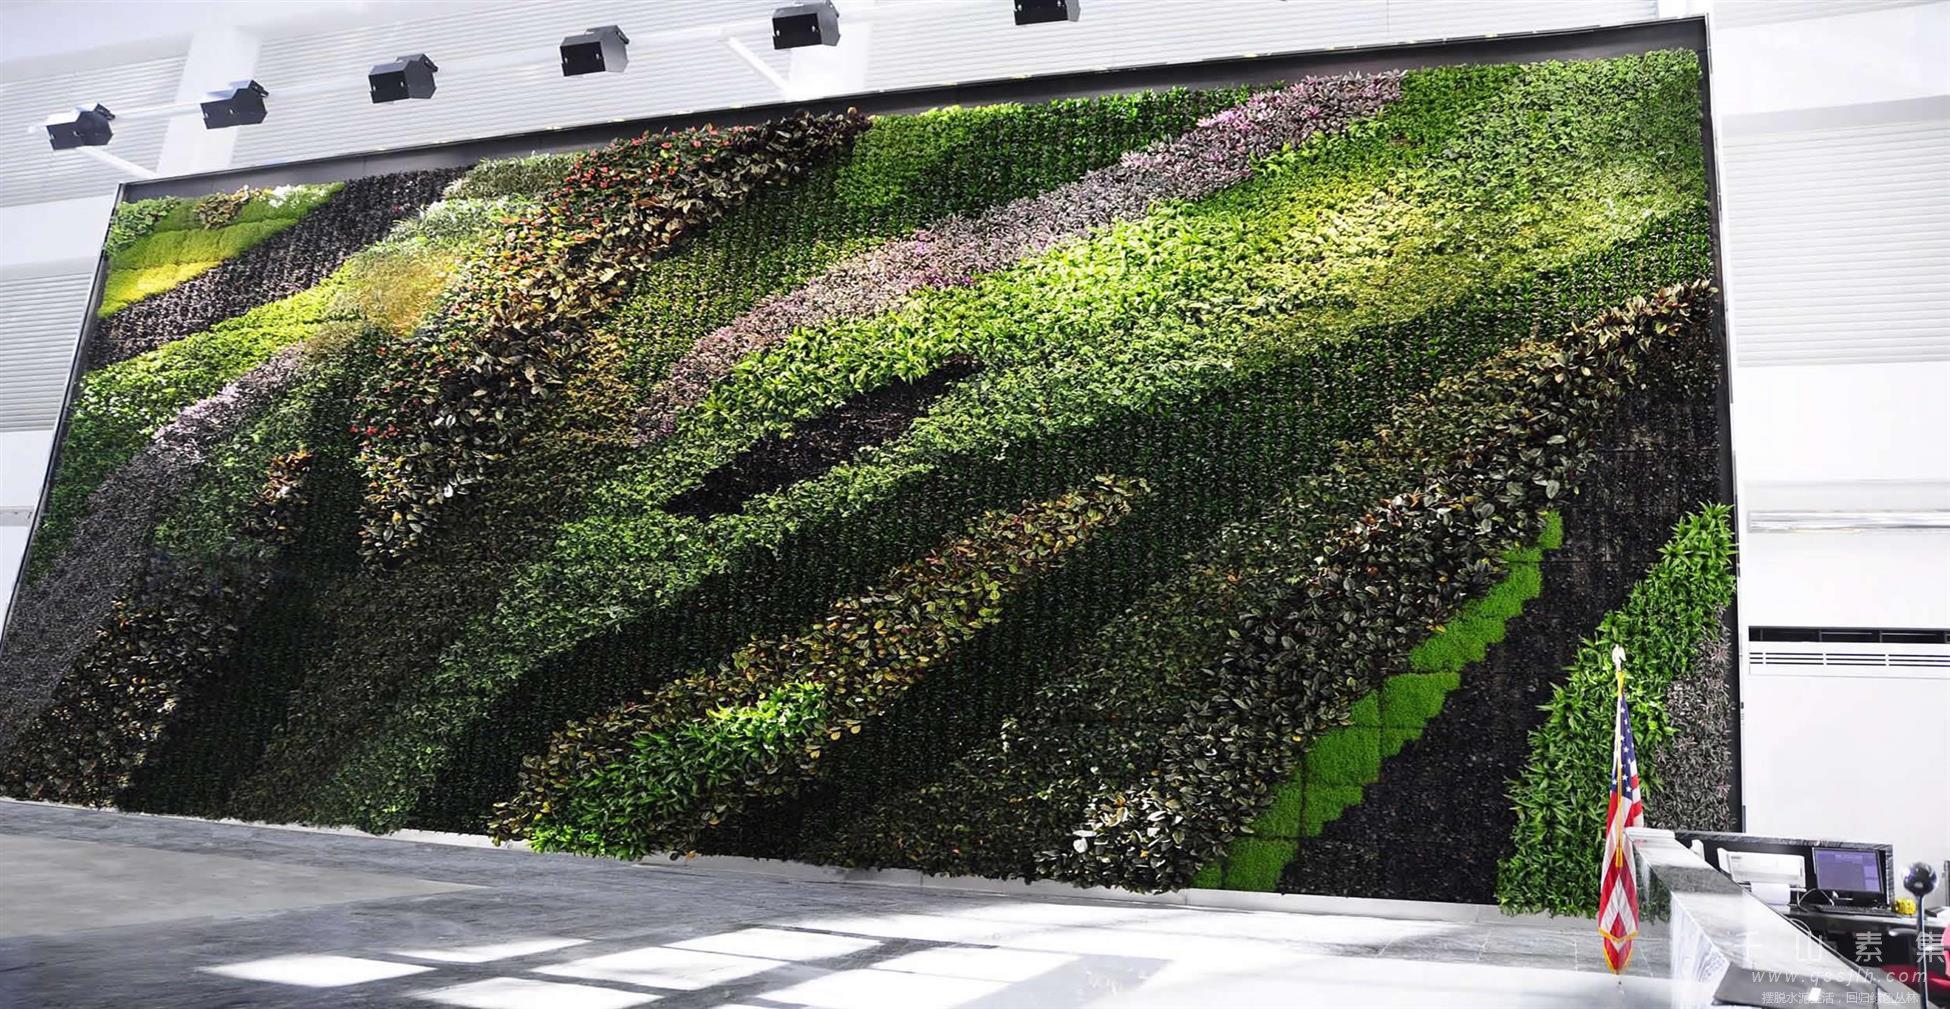 植物墙景观,植物墙设计,植物墙绿化